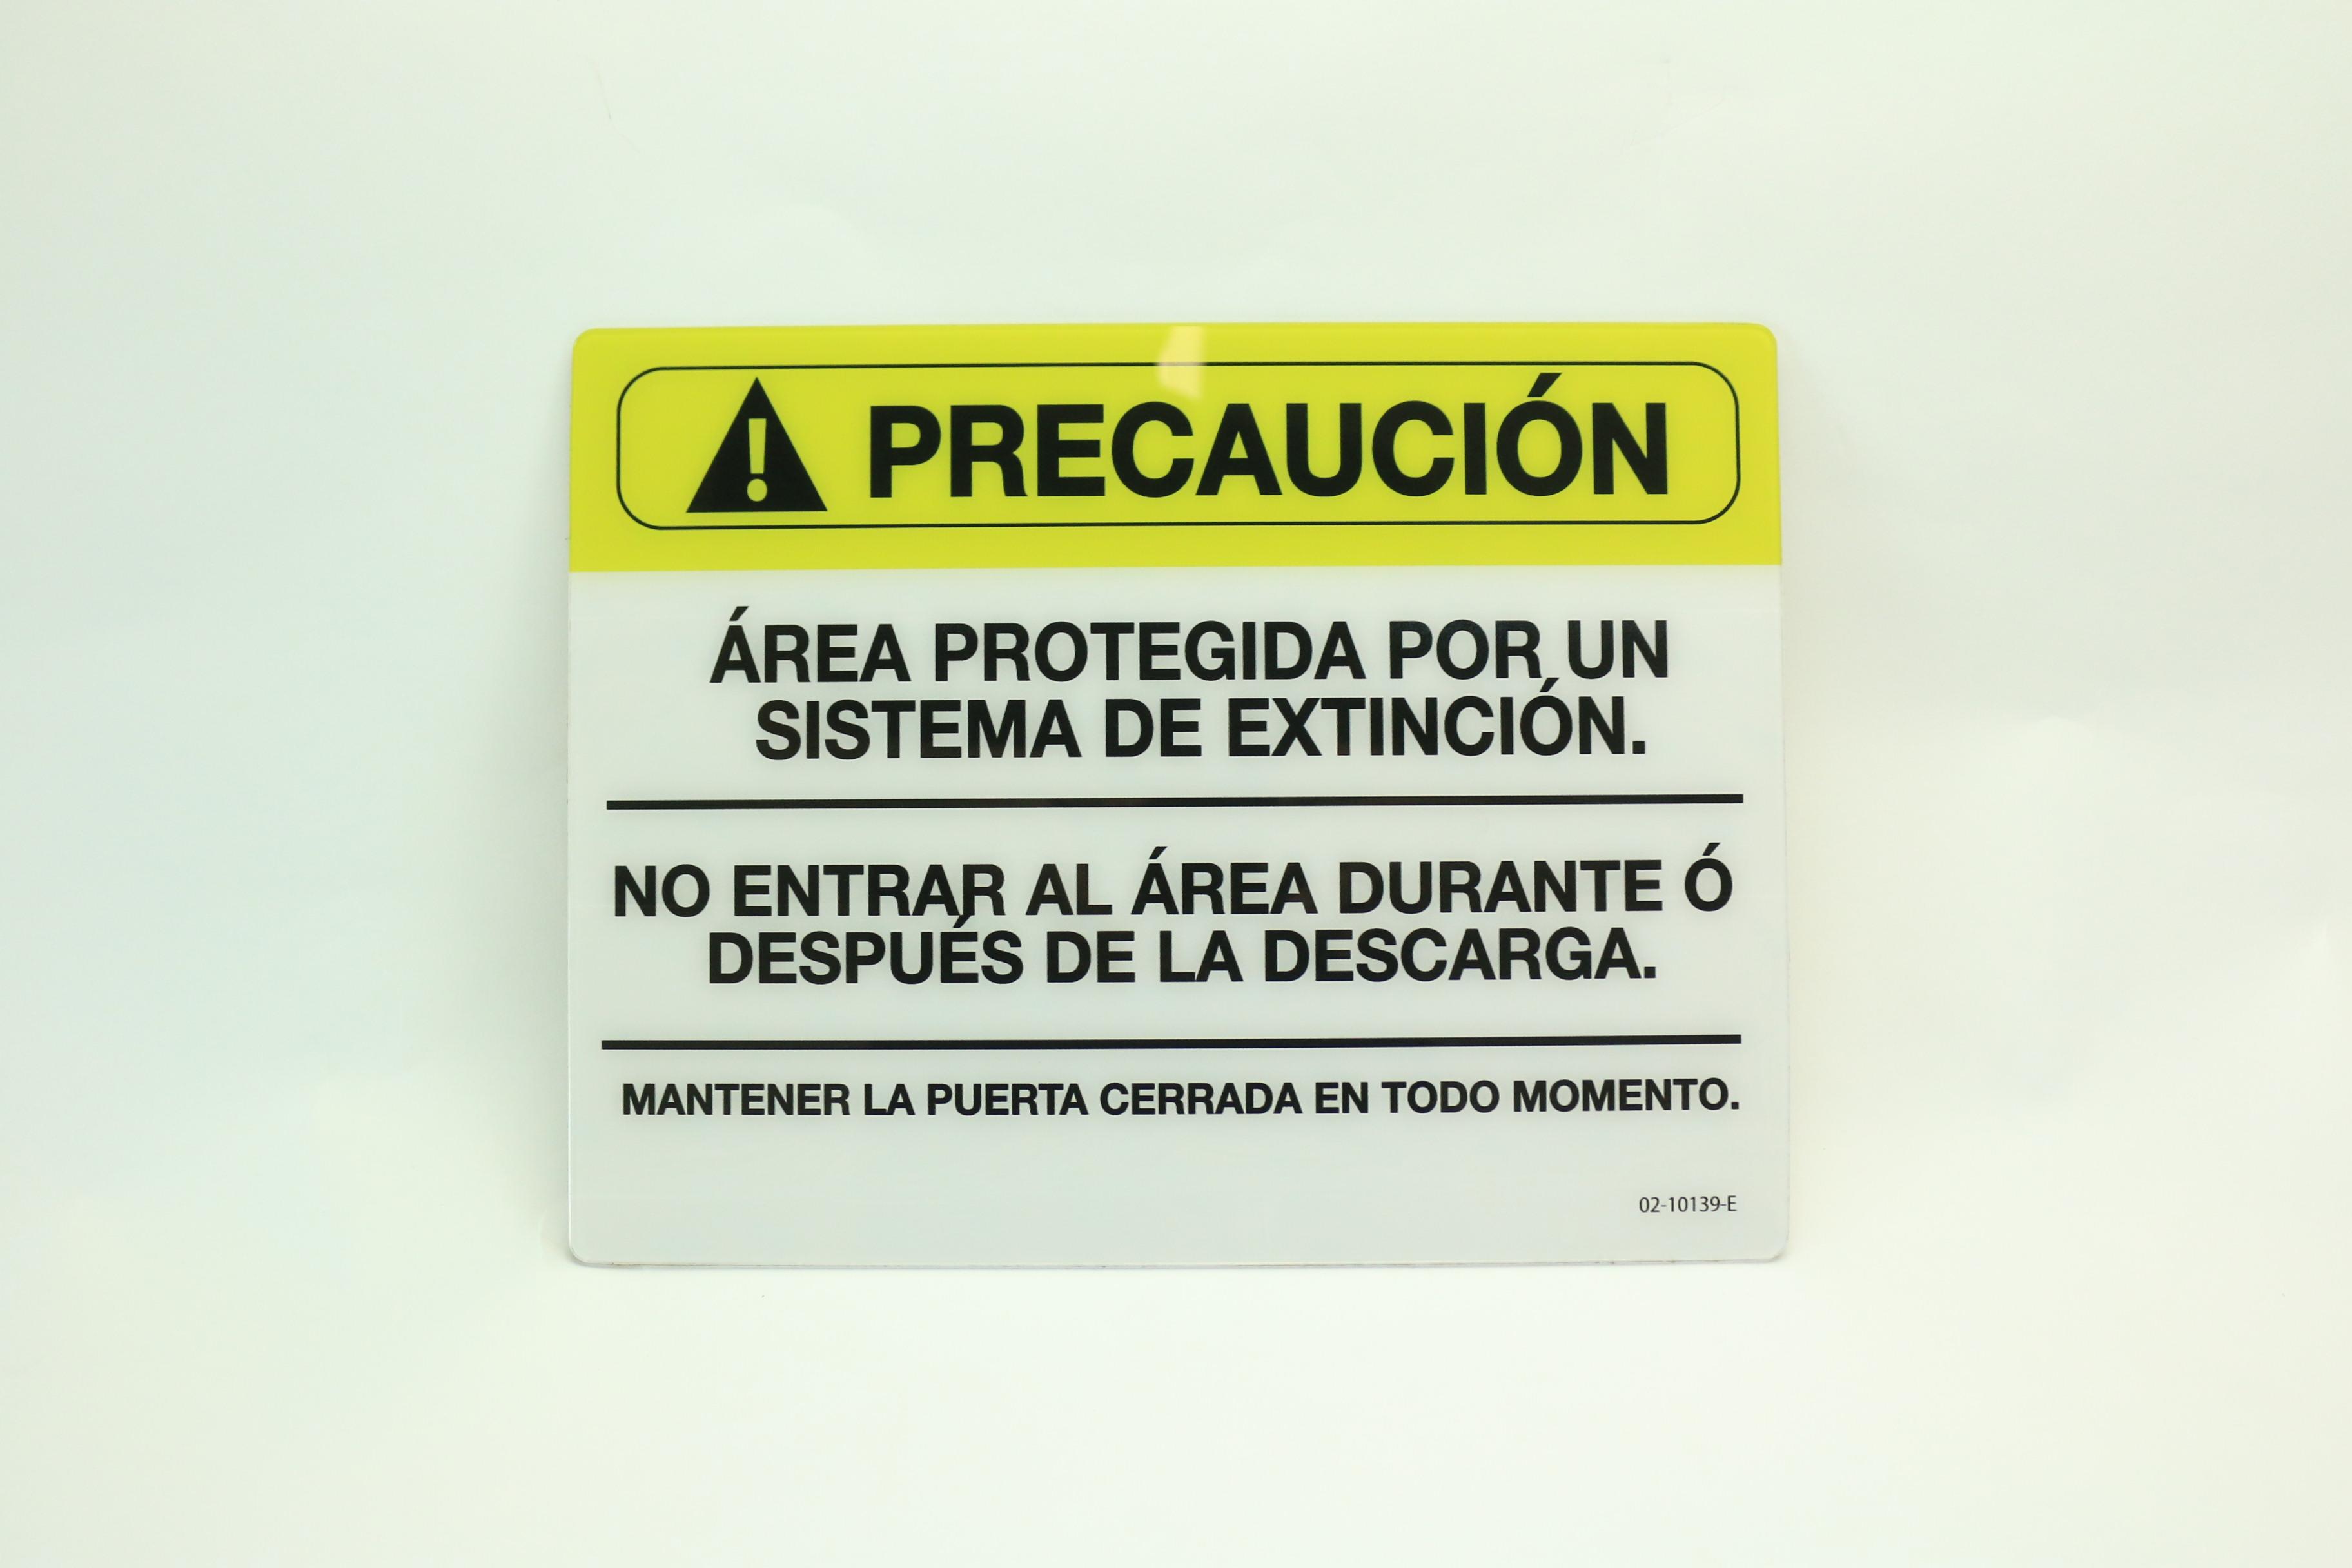 02-10139@ LETRERO DE SEÑALIZACIÓN CUARTO PROTEGIDO CON AGENTE LIMPIO